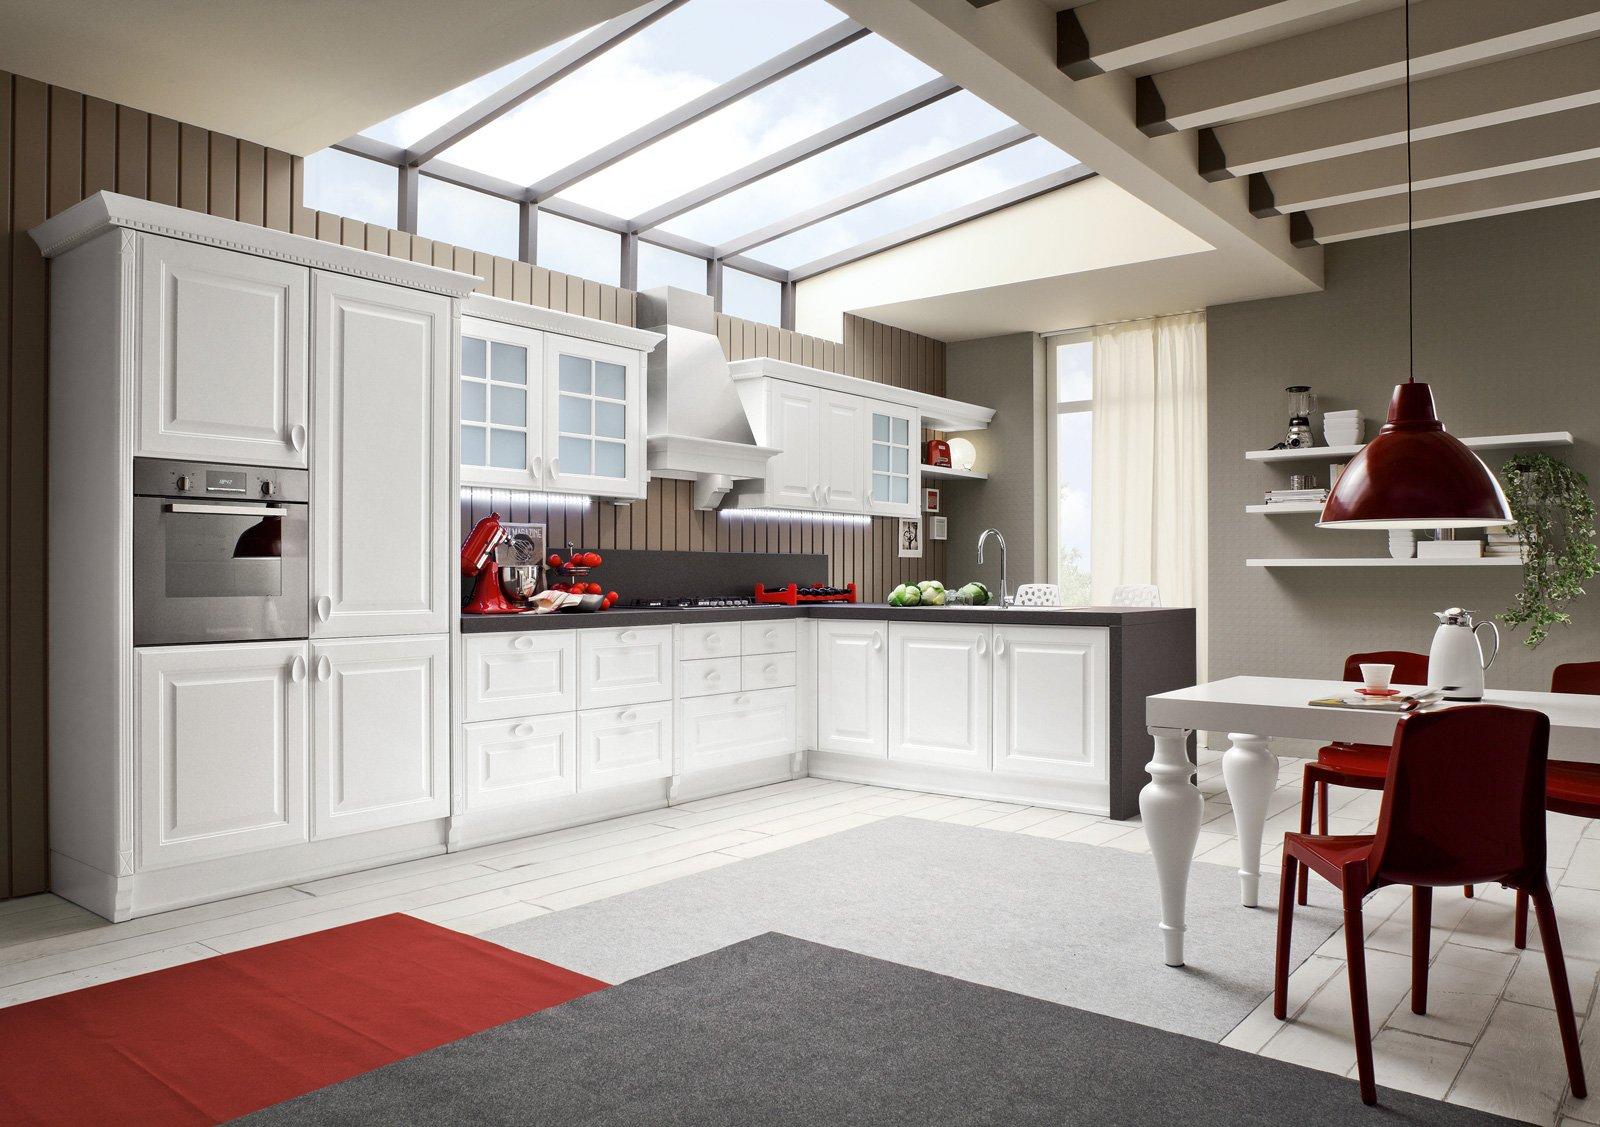 Tanto bianco e la cucina raddoppia visivamente cose di casa - Cucine arrex opinioni ...